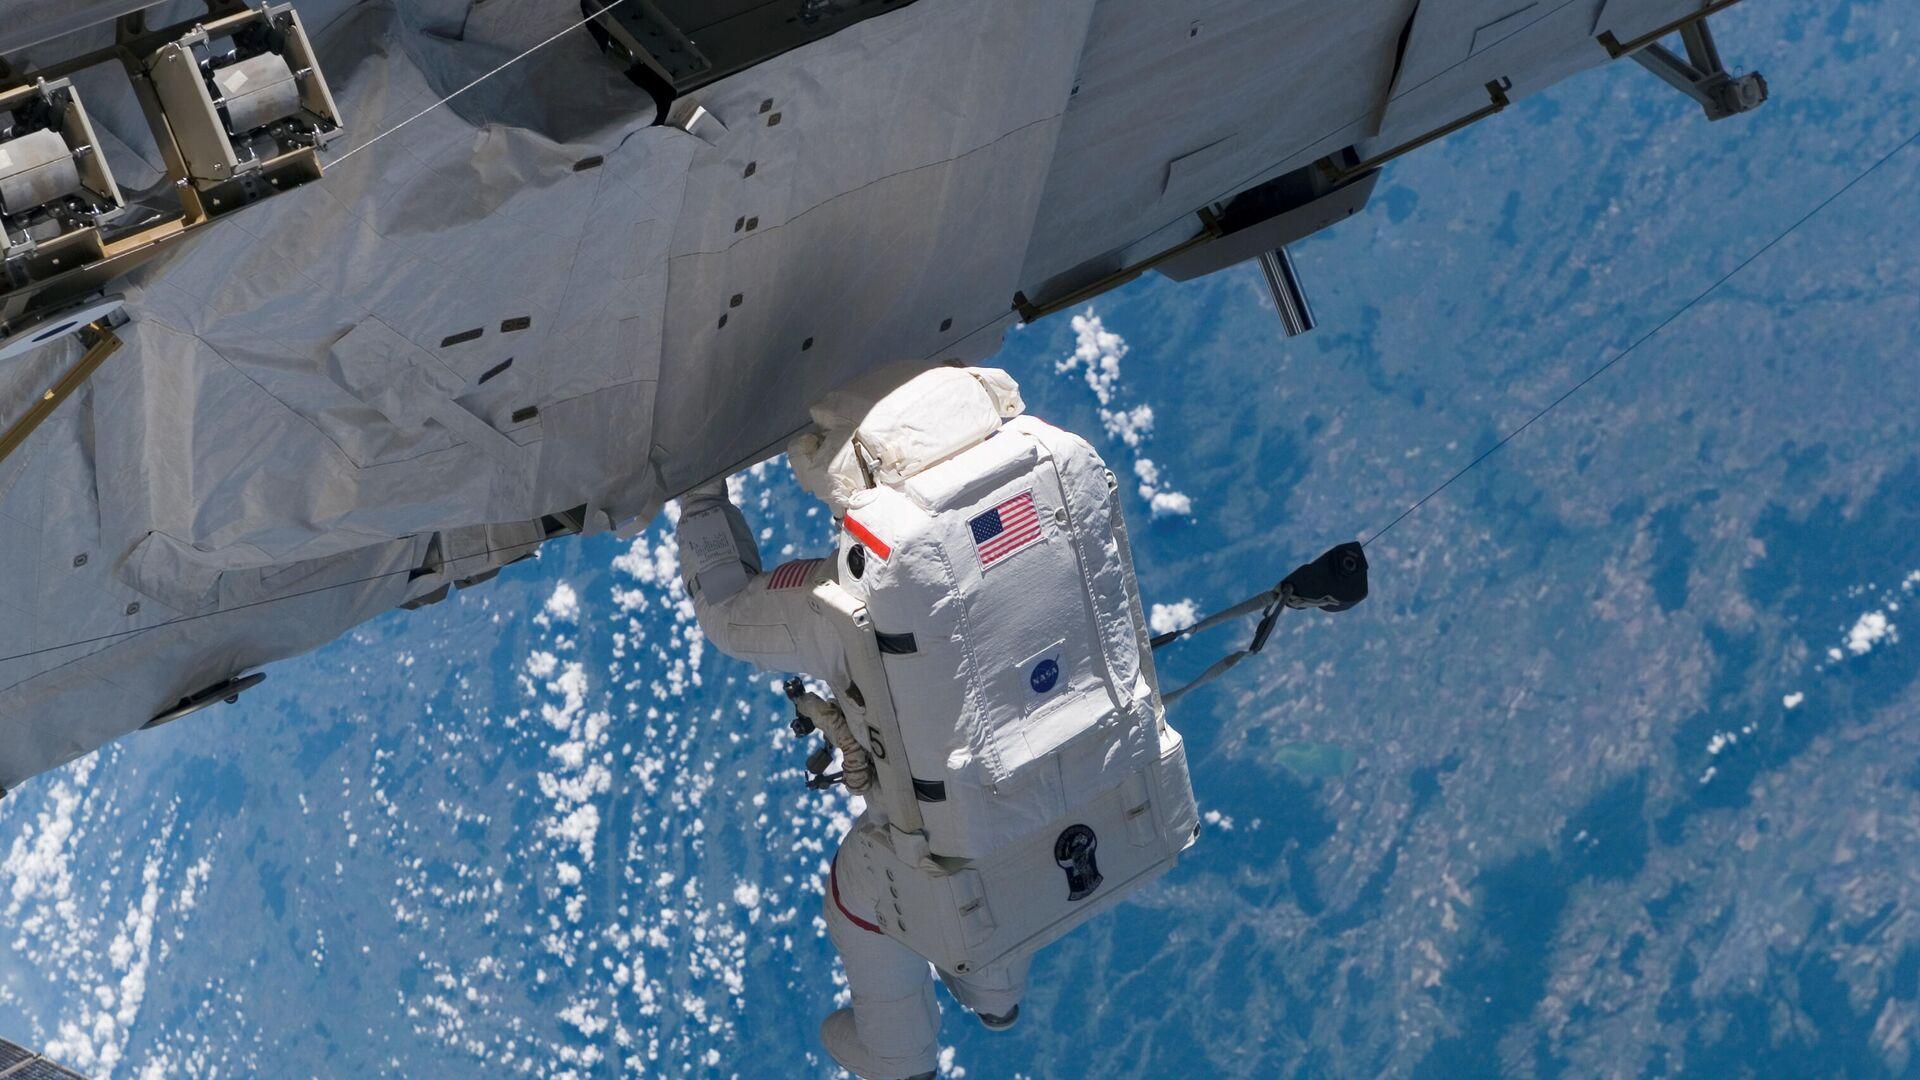 Американский астронавт во время выхода в открытый космос на МКС - РИА Новости, 1920, 08.09.2020